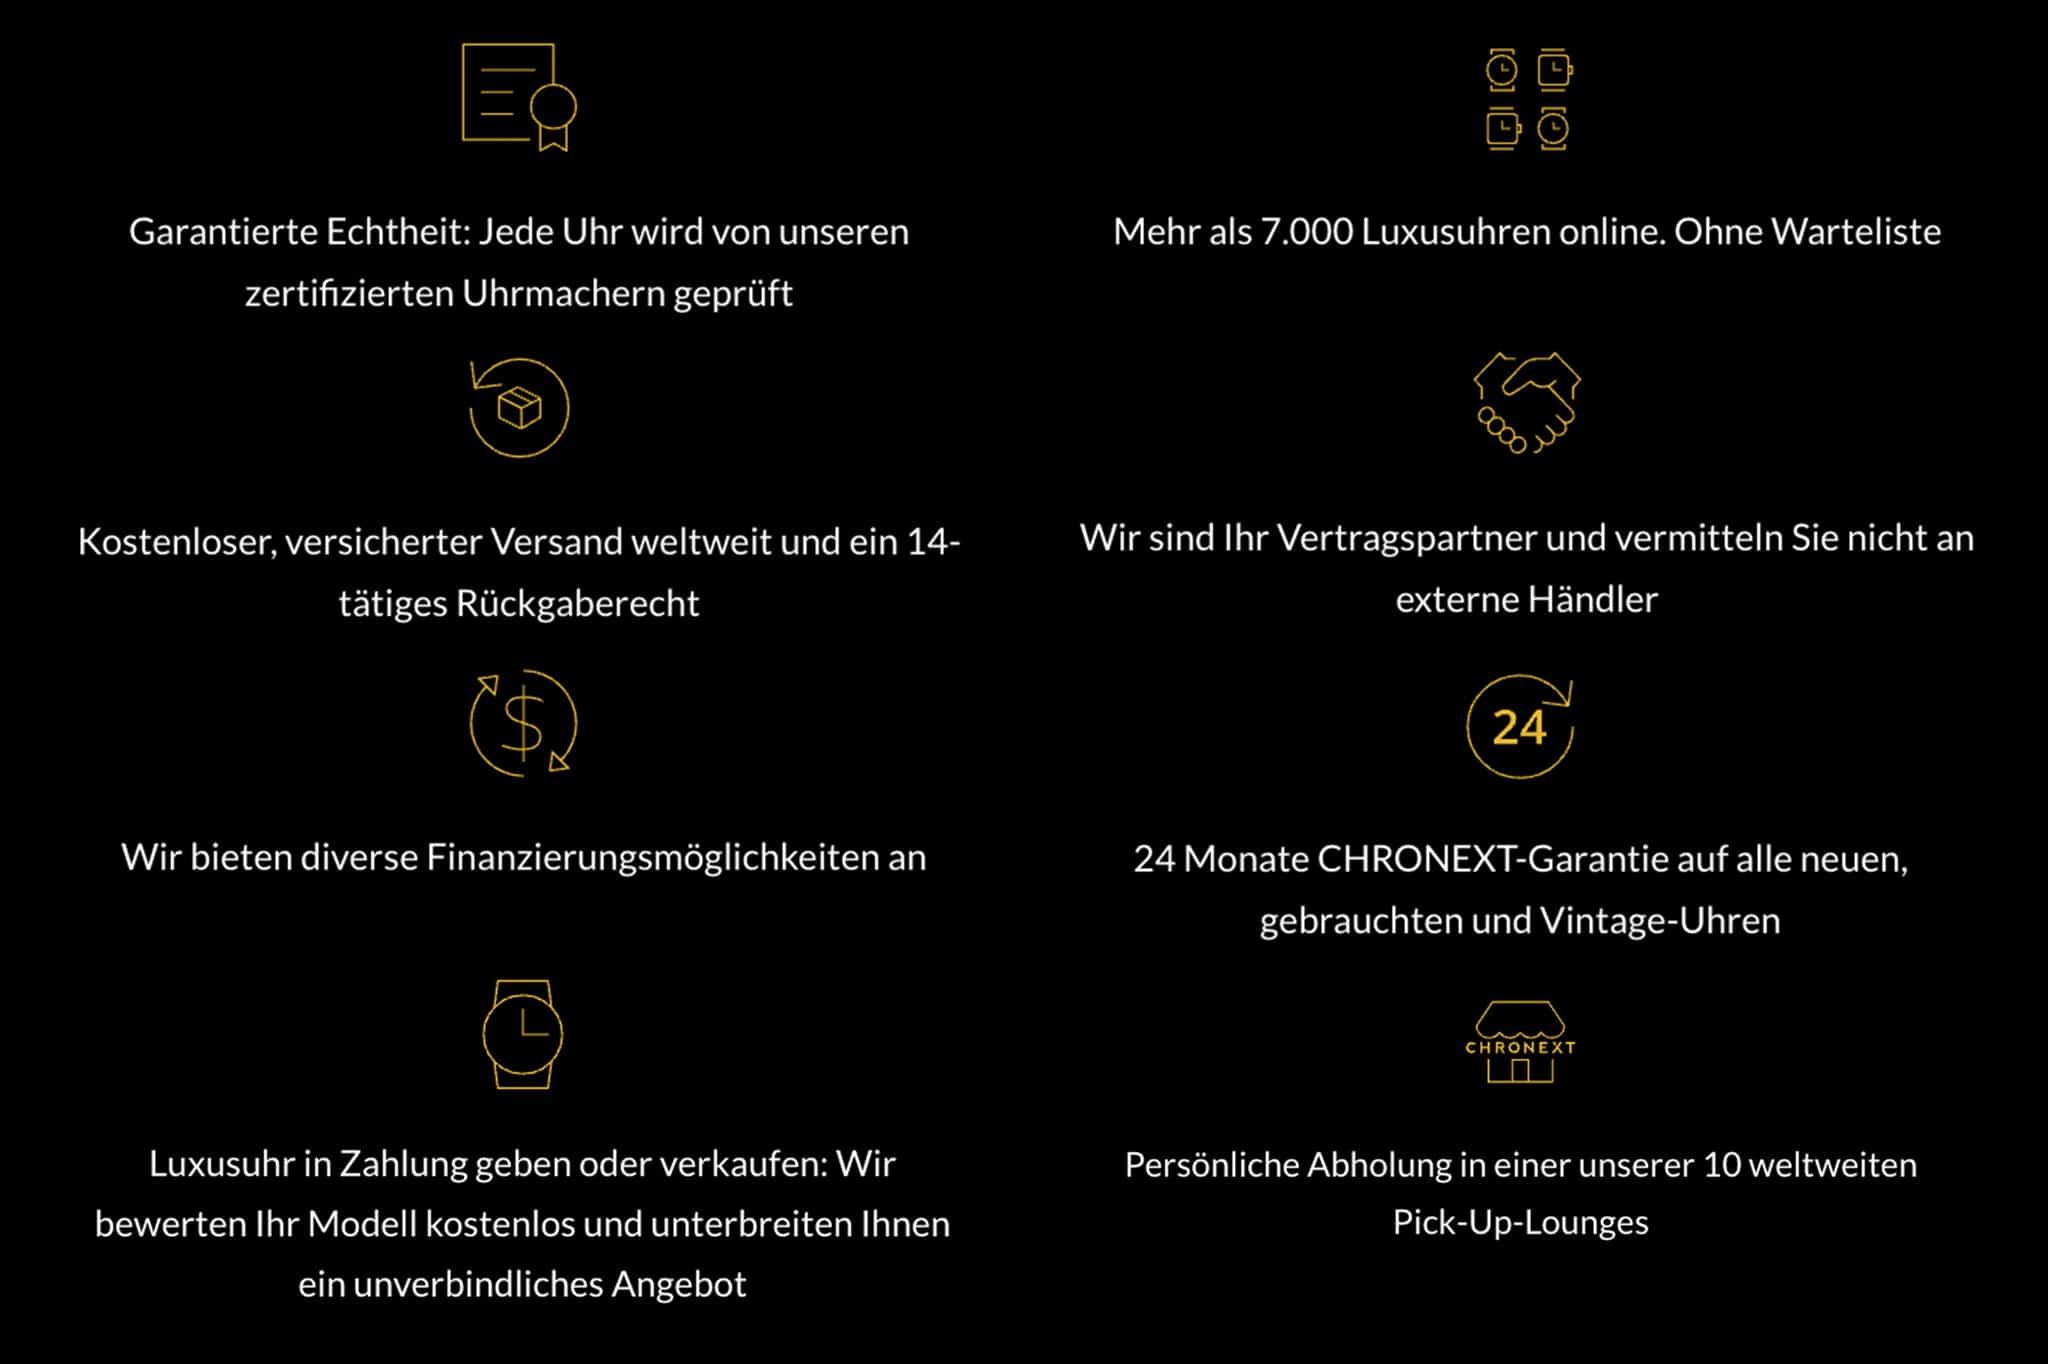 CHRONEXT Gutschein-Vorteile